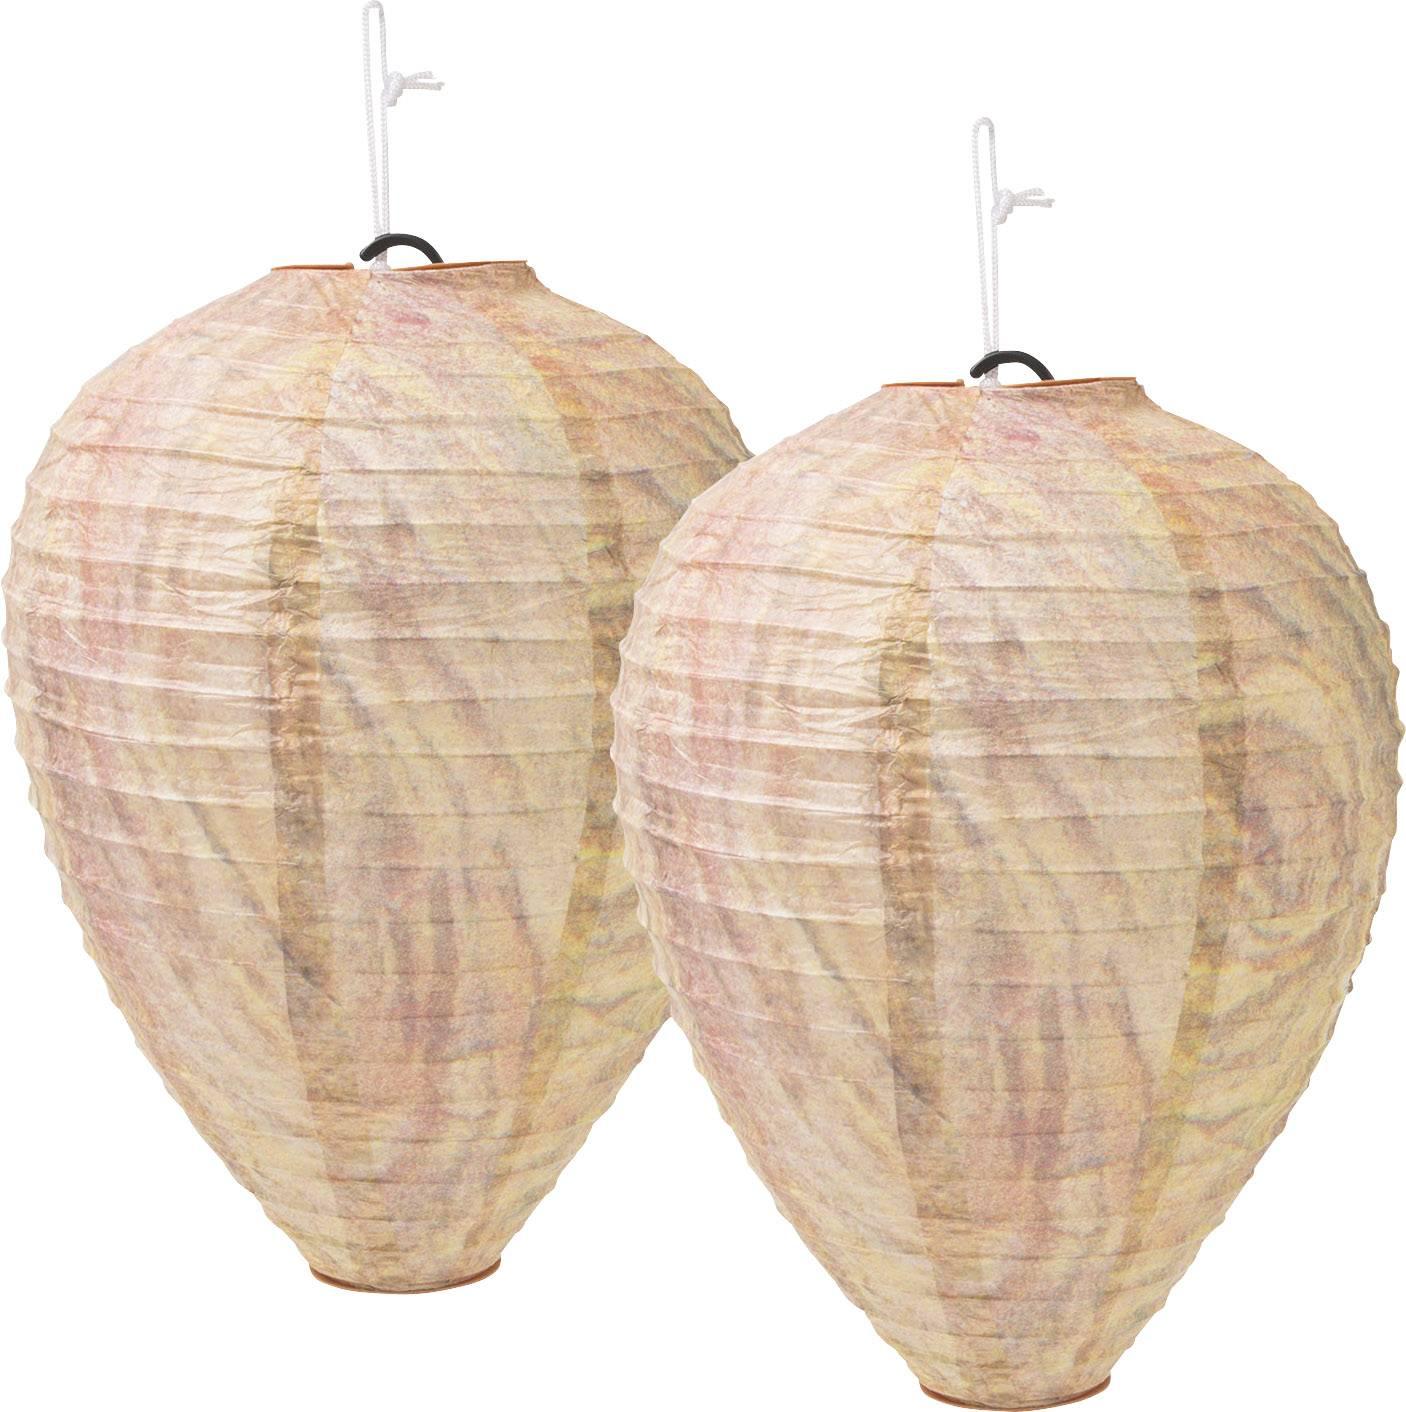 Repellente Naturale Per Vespe gardigo wasp nest dummy 666612 nido di vespe finto (Ø x a) 200 mm x 280 mm  2 pz.